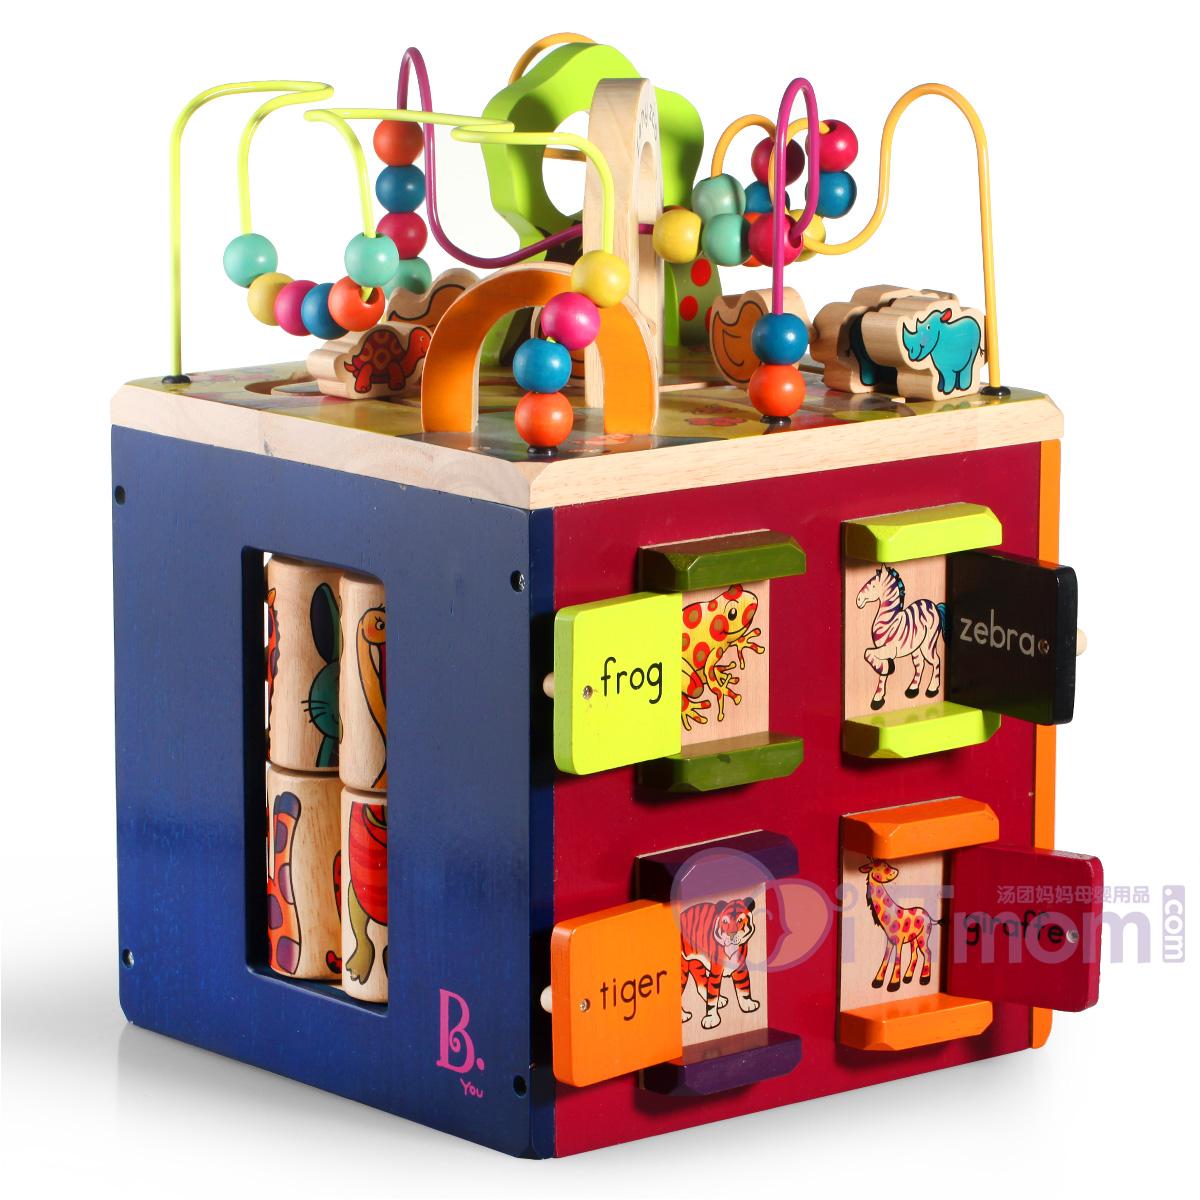 B.Toys儿童绕珠百宝箱宝宝积木串珠益智早教男女孩婴儿玩具1-2岁